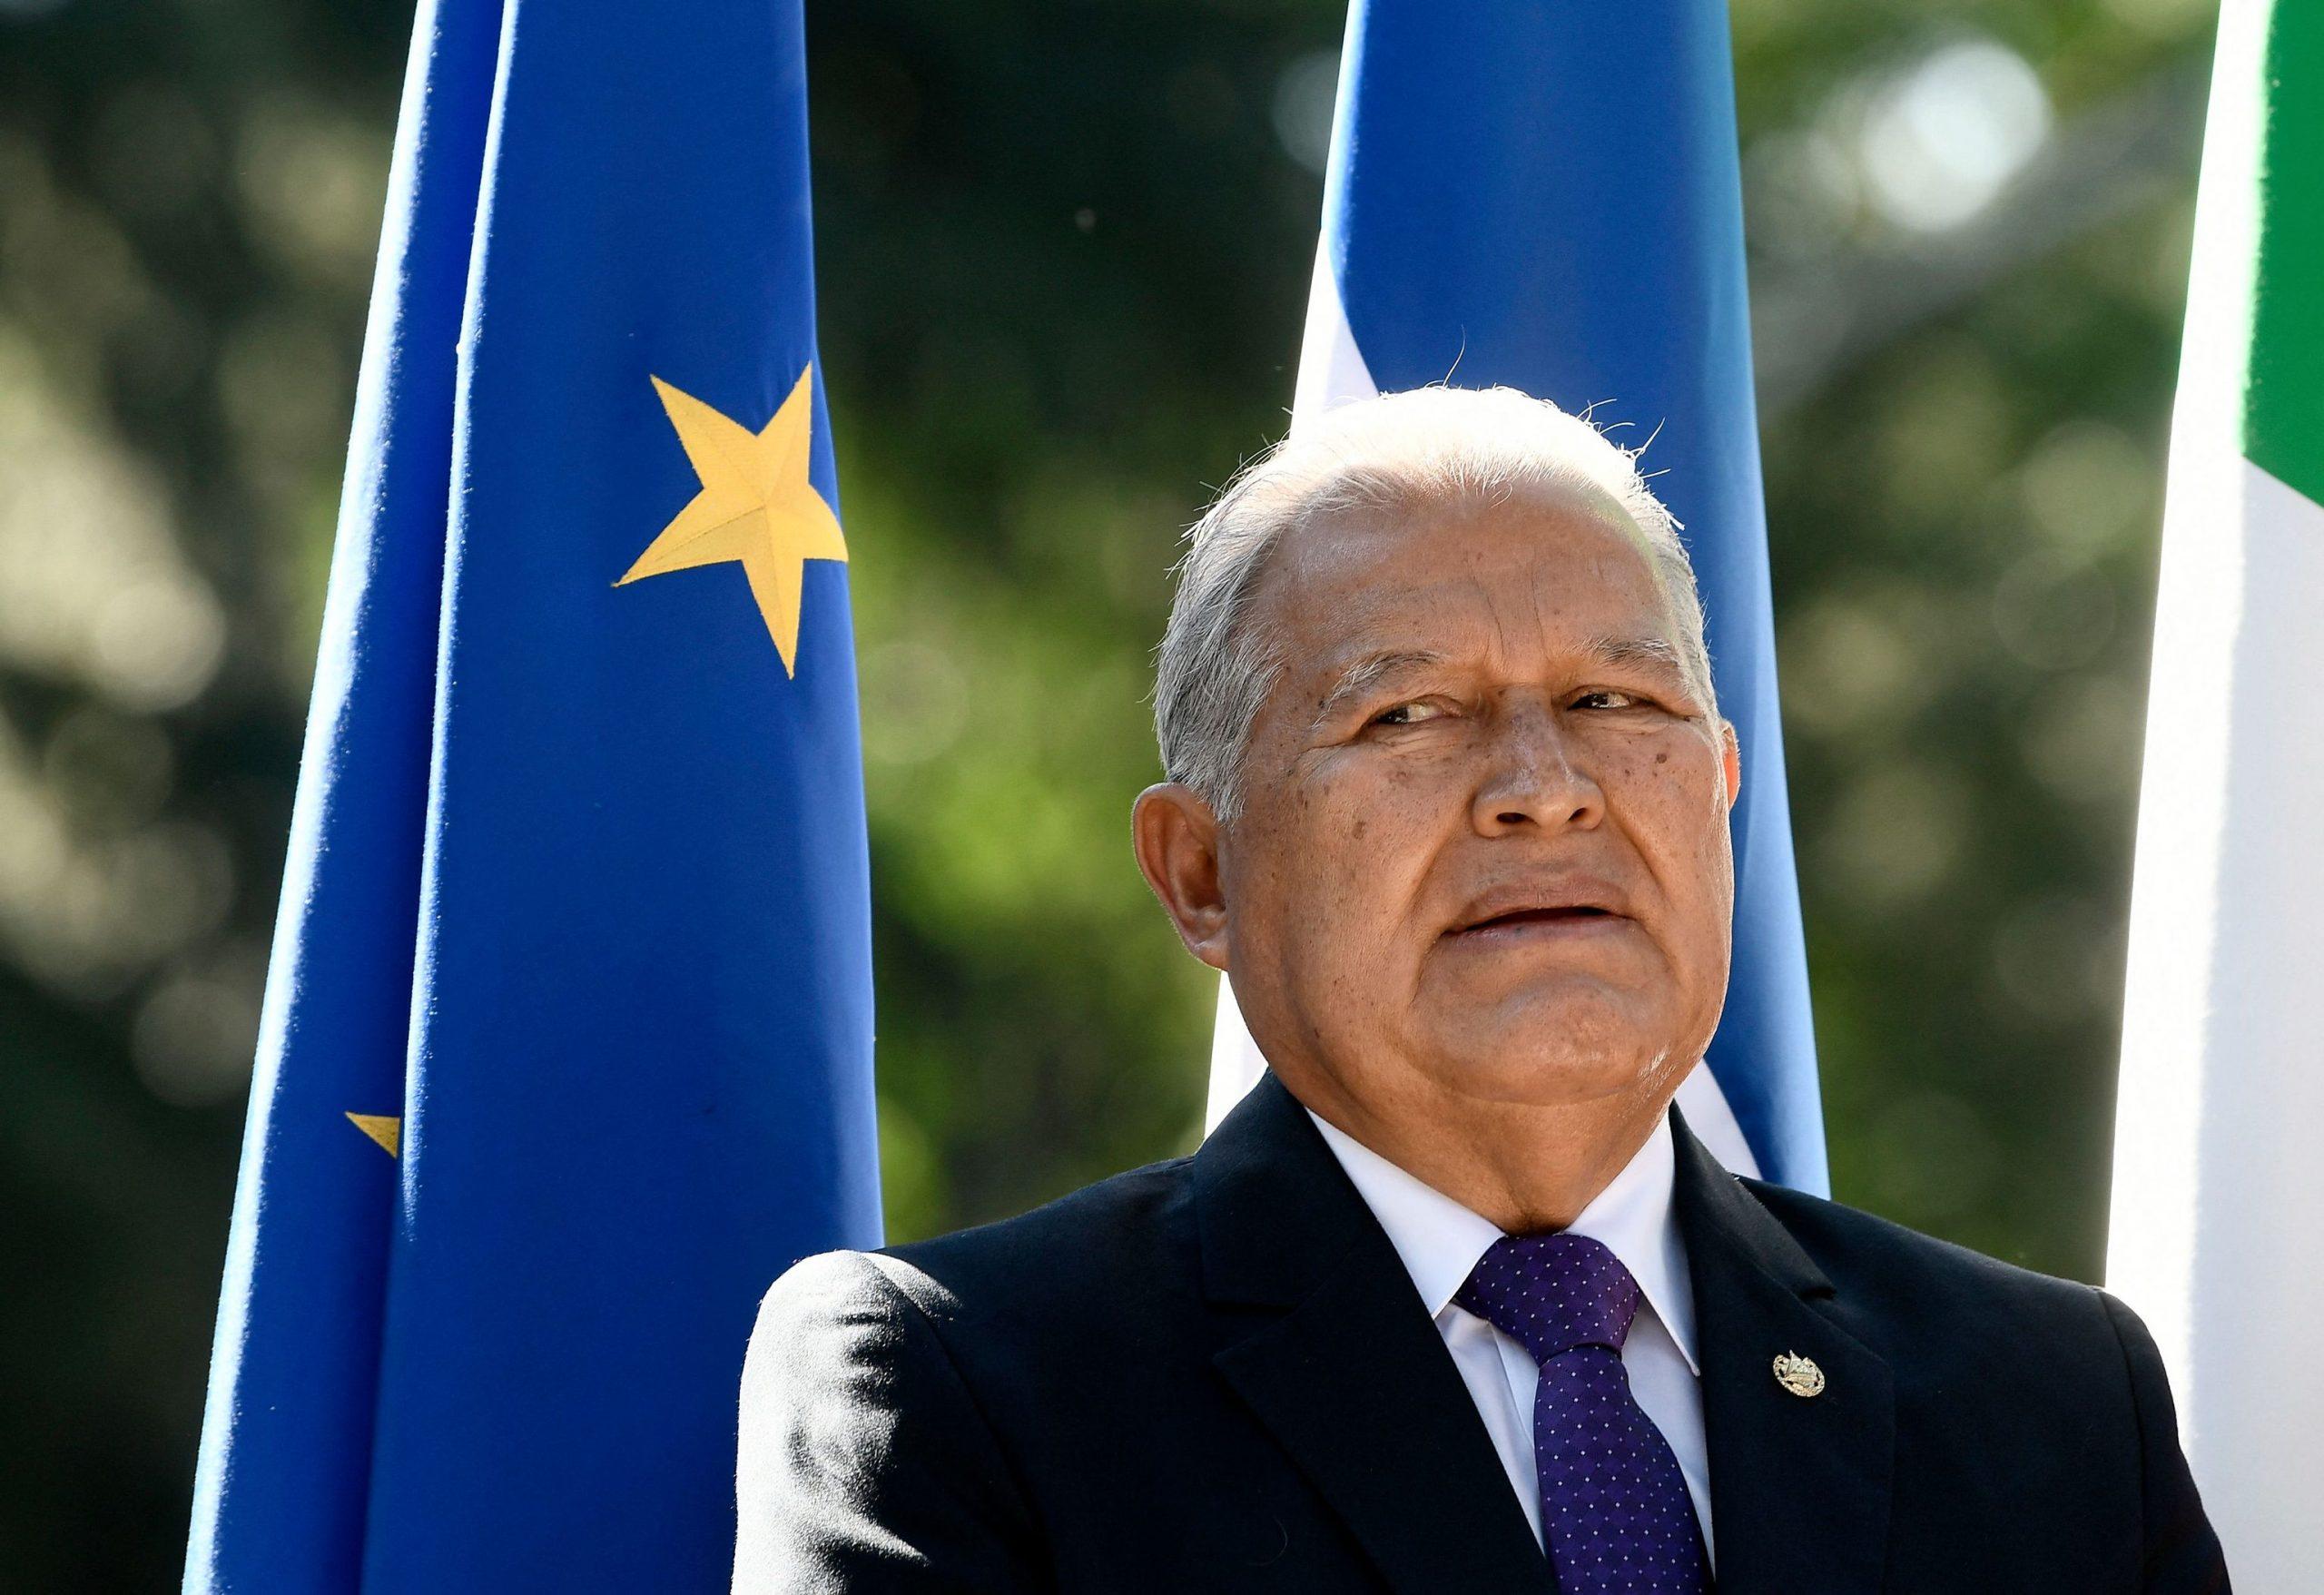 Nicaragua otorga la nacionalidad al expresidente salvadoreño Sánchez Cerén